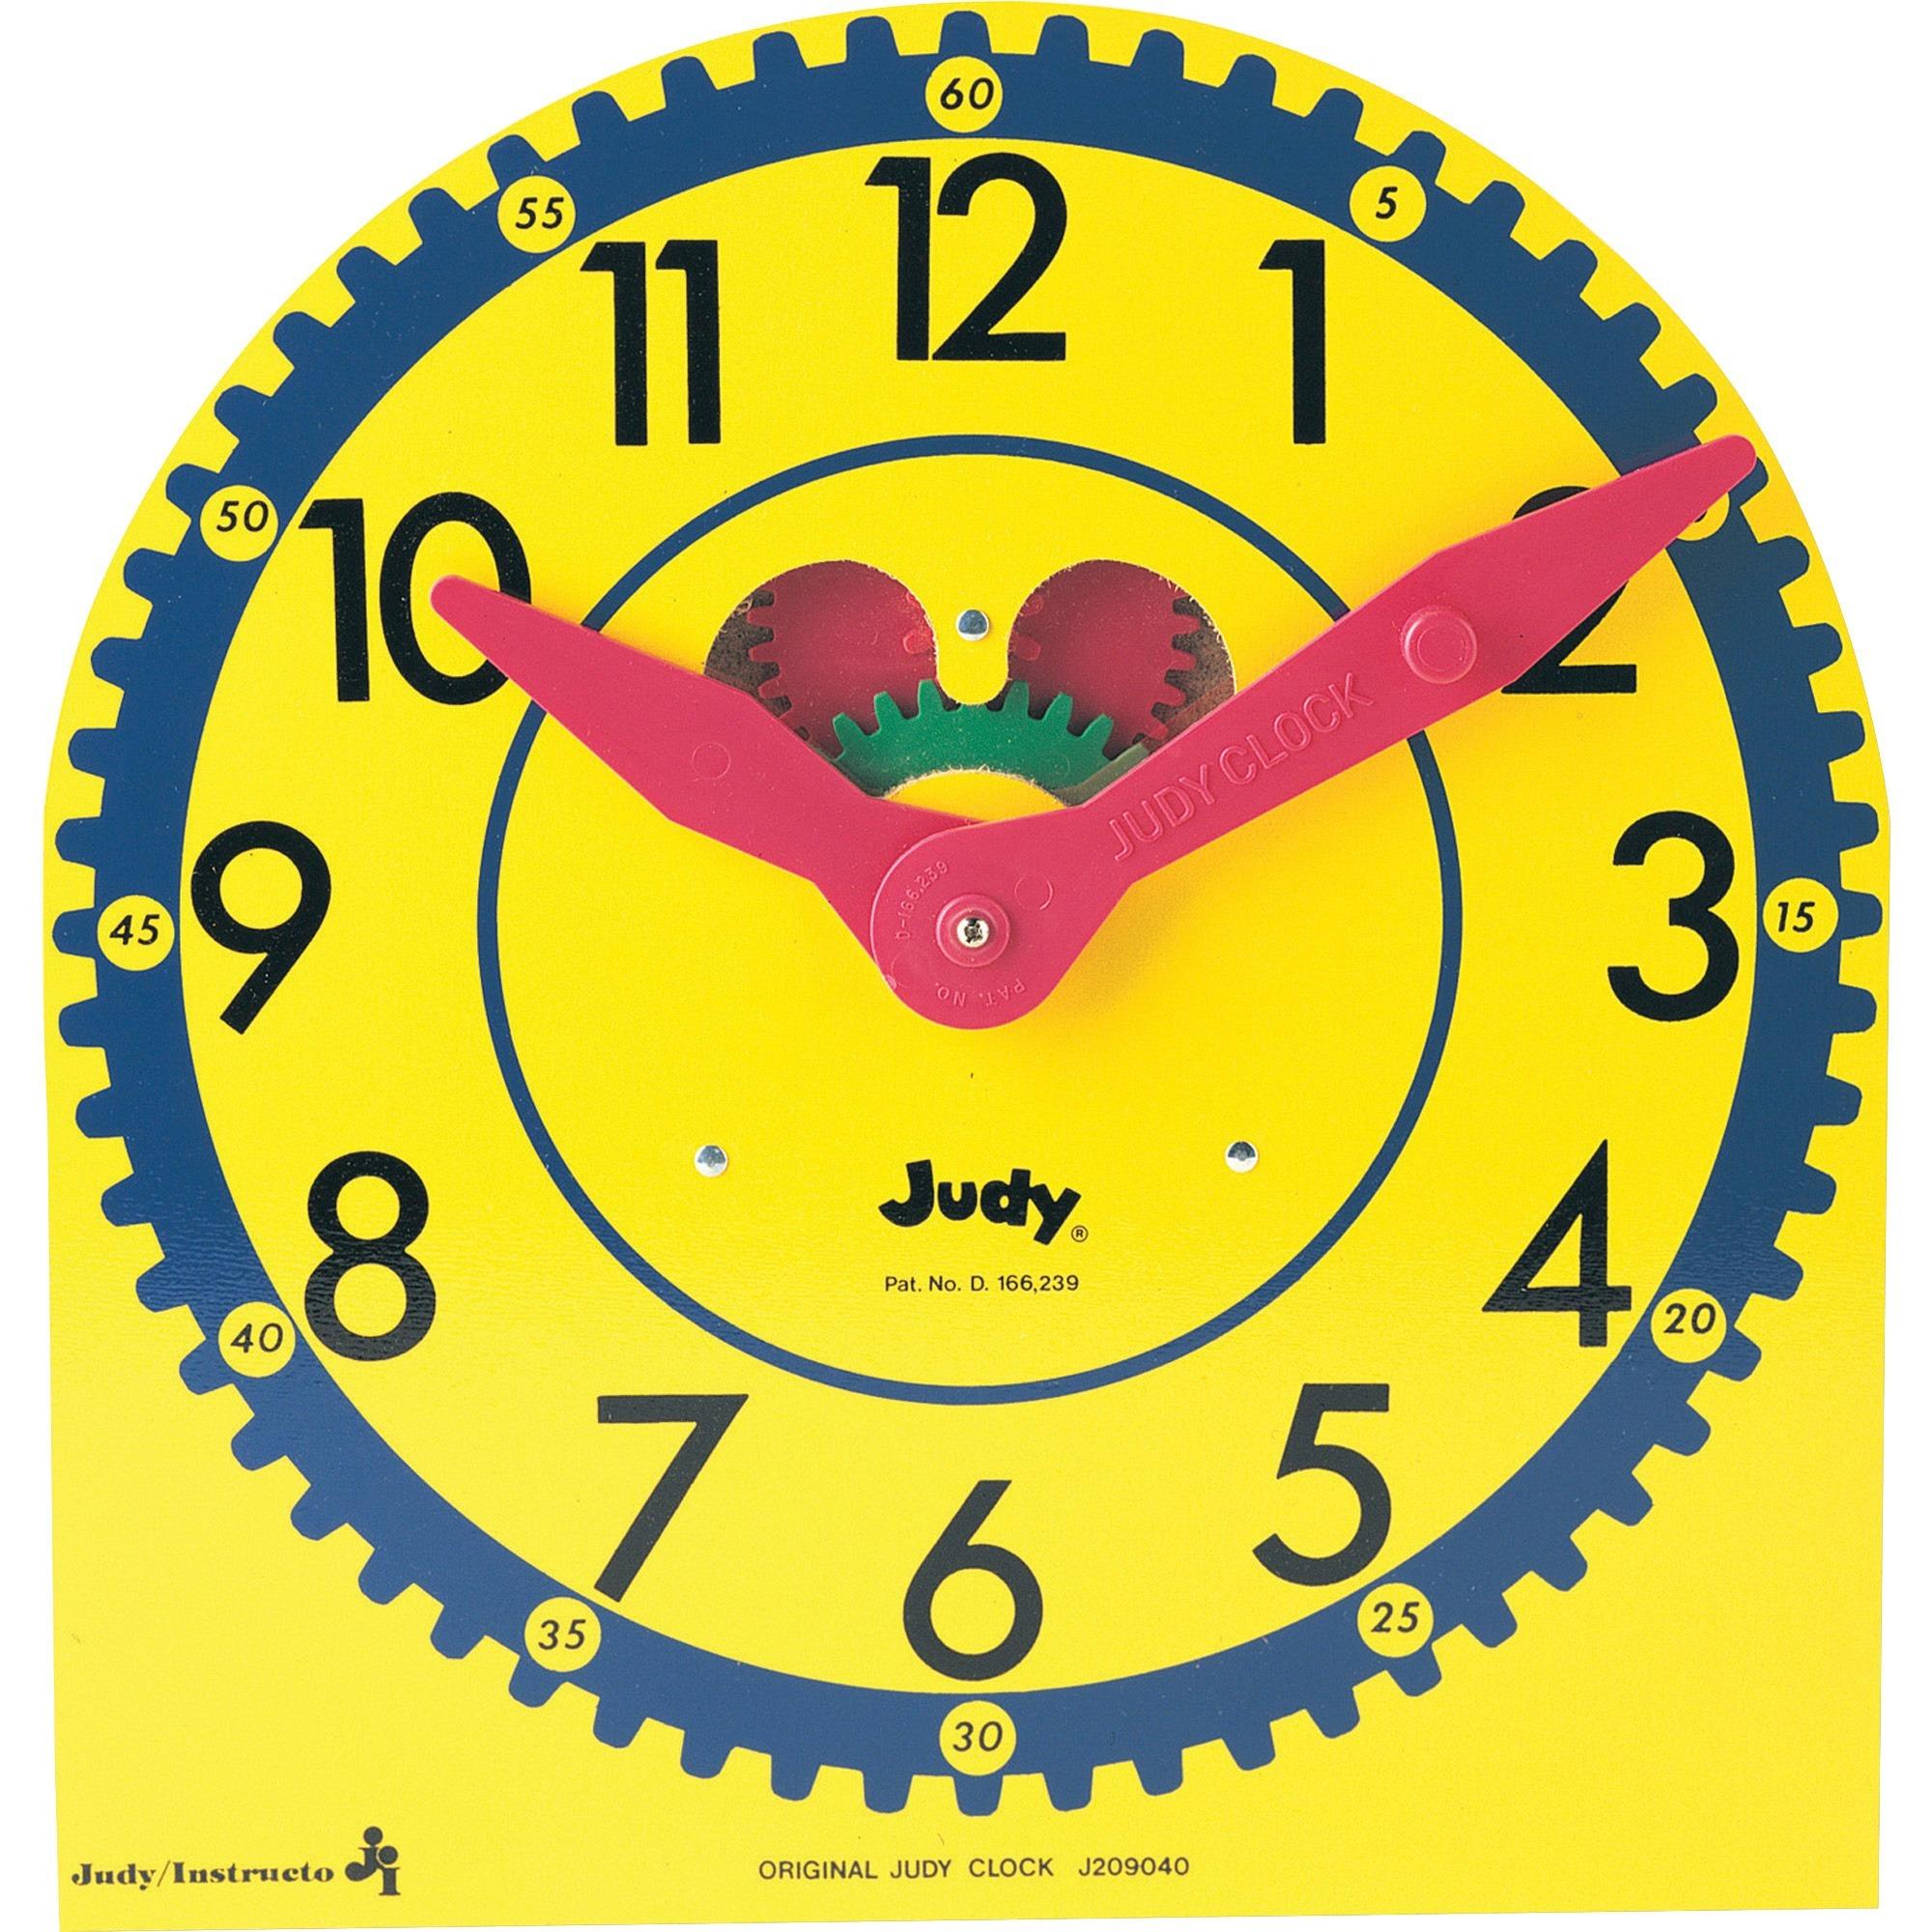 Carson-Dellosa, CDP0768223199, Original Judy Clock, 1 Each, Multi